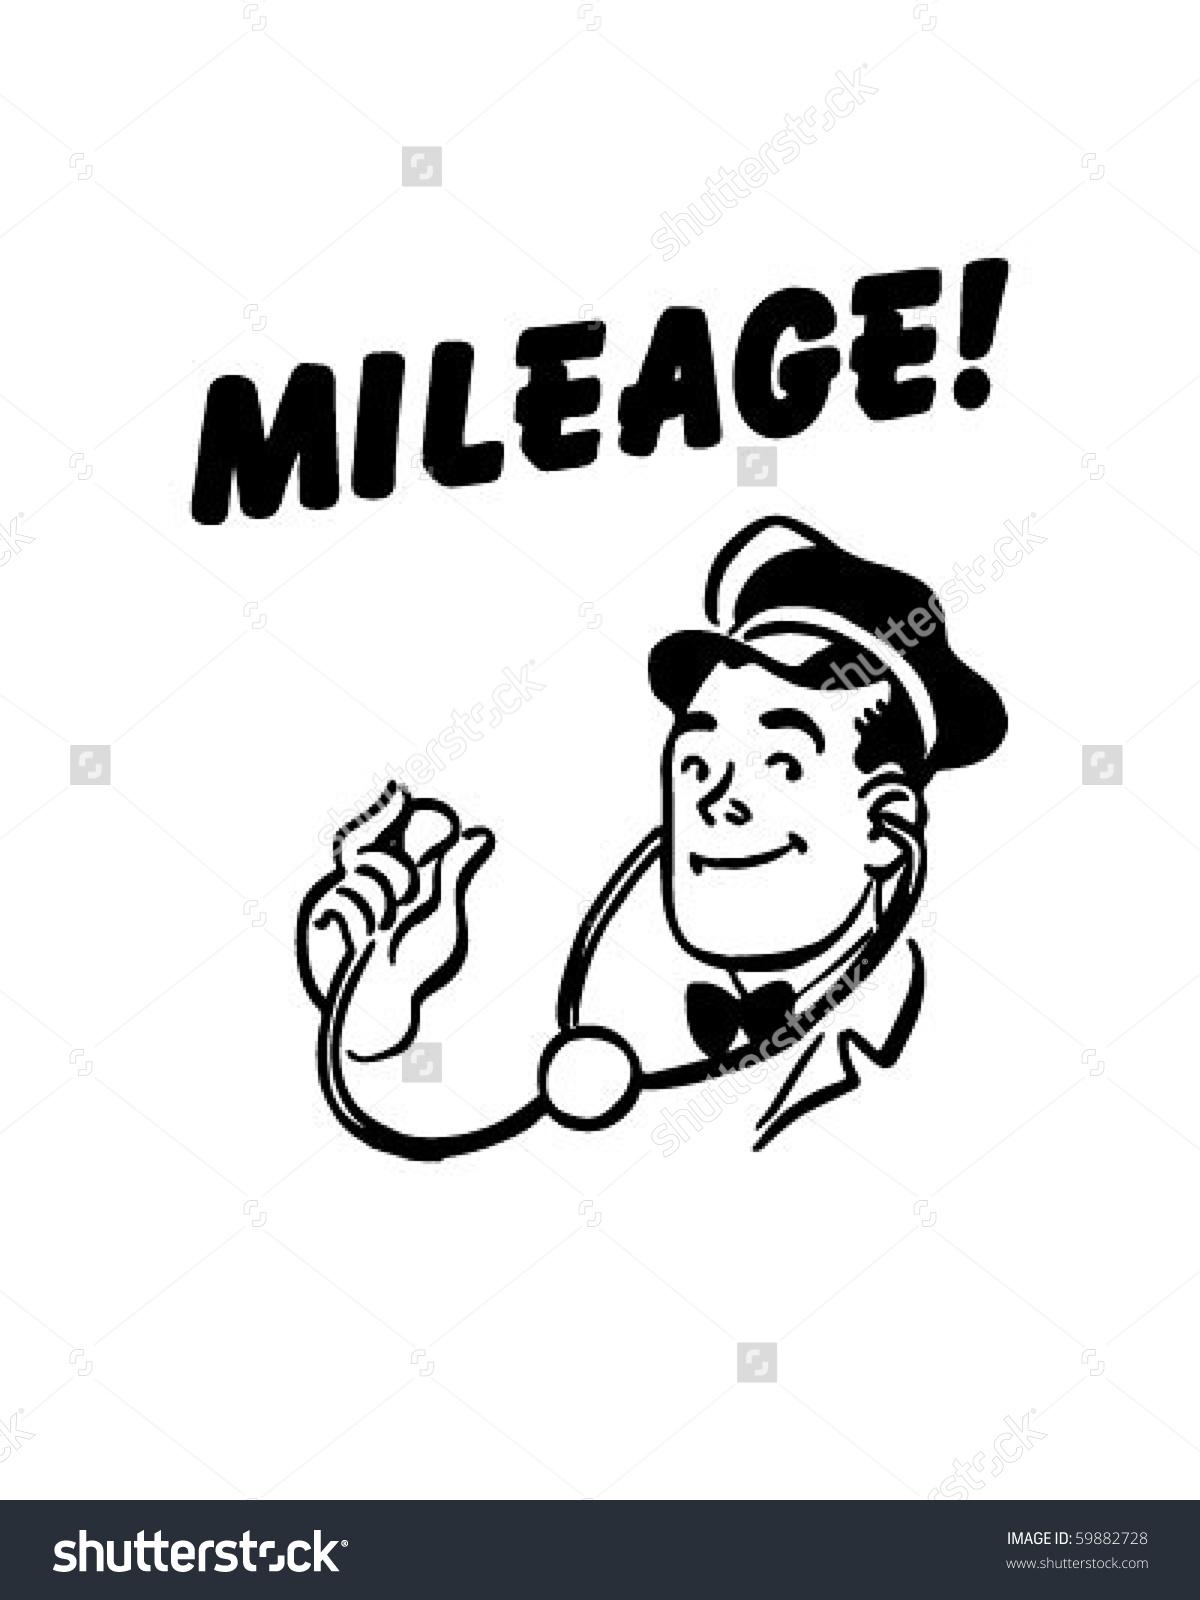 Mileage Service Station Mechanic Retro Clip Stock Vector 59882728.